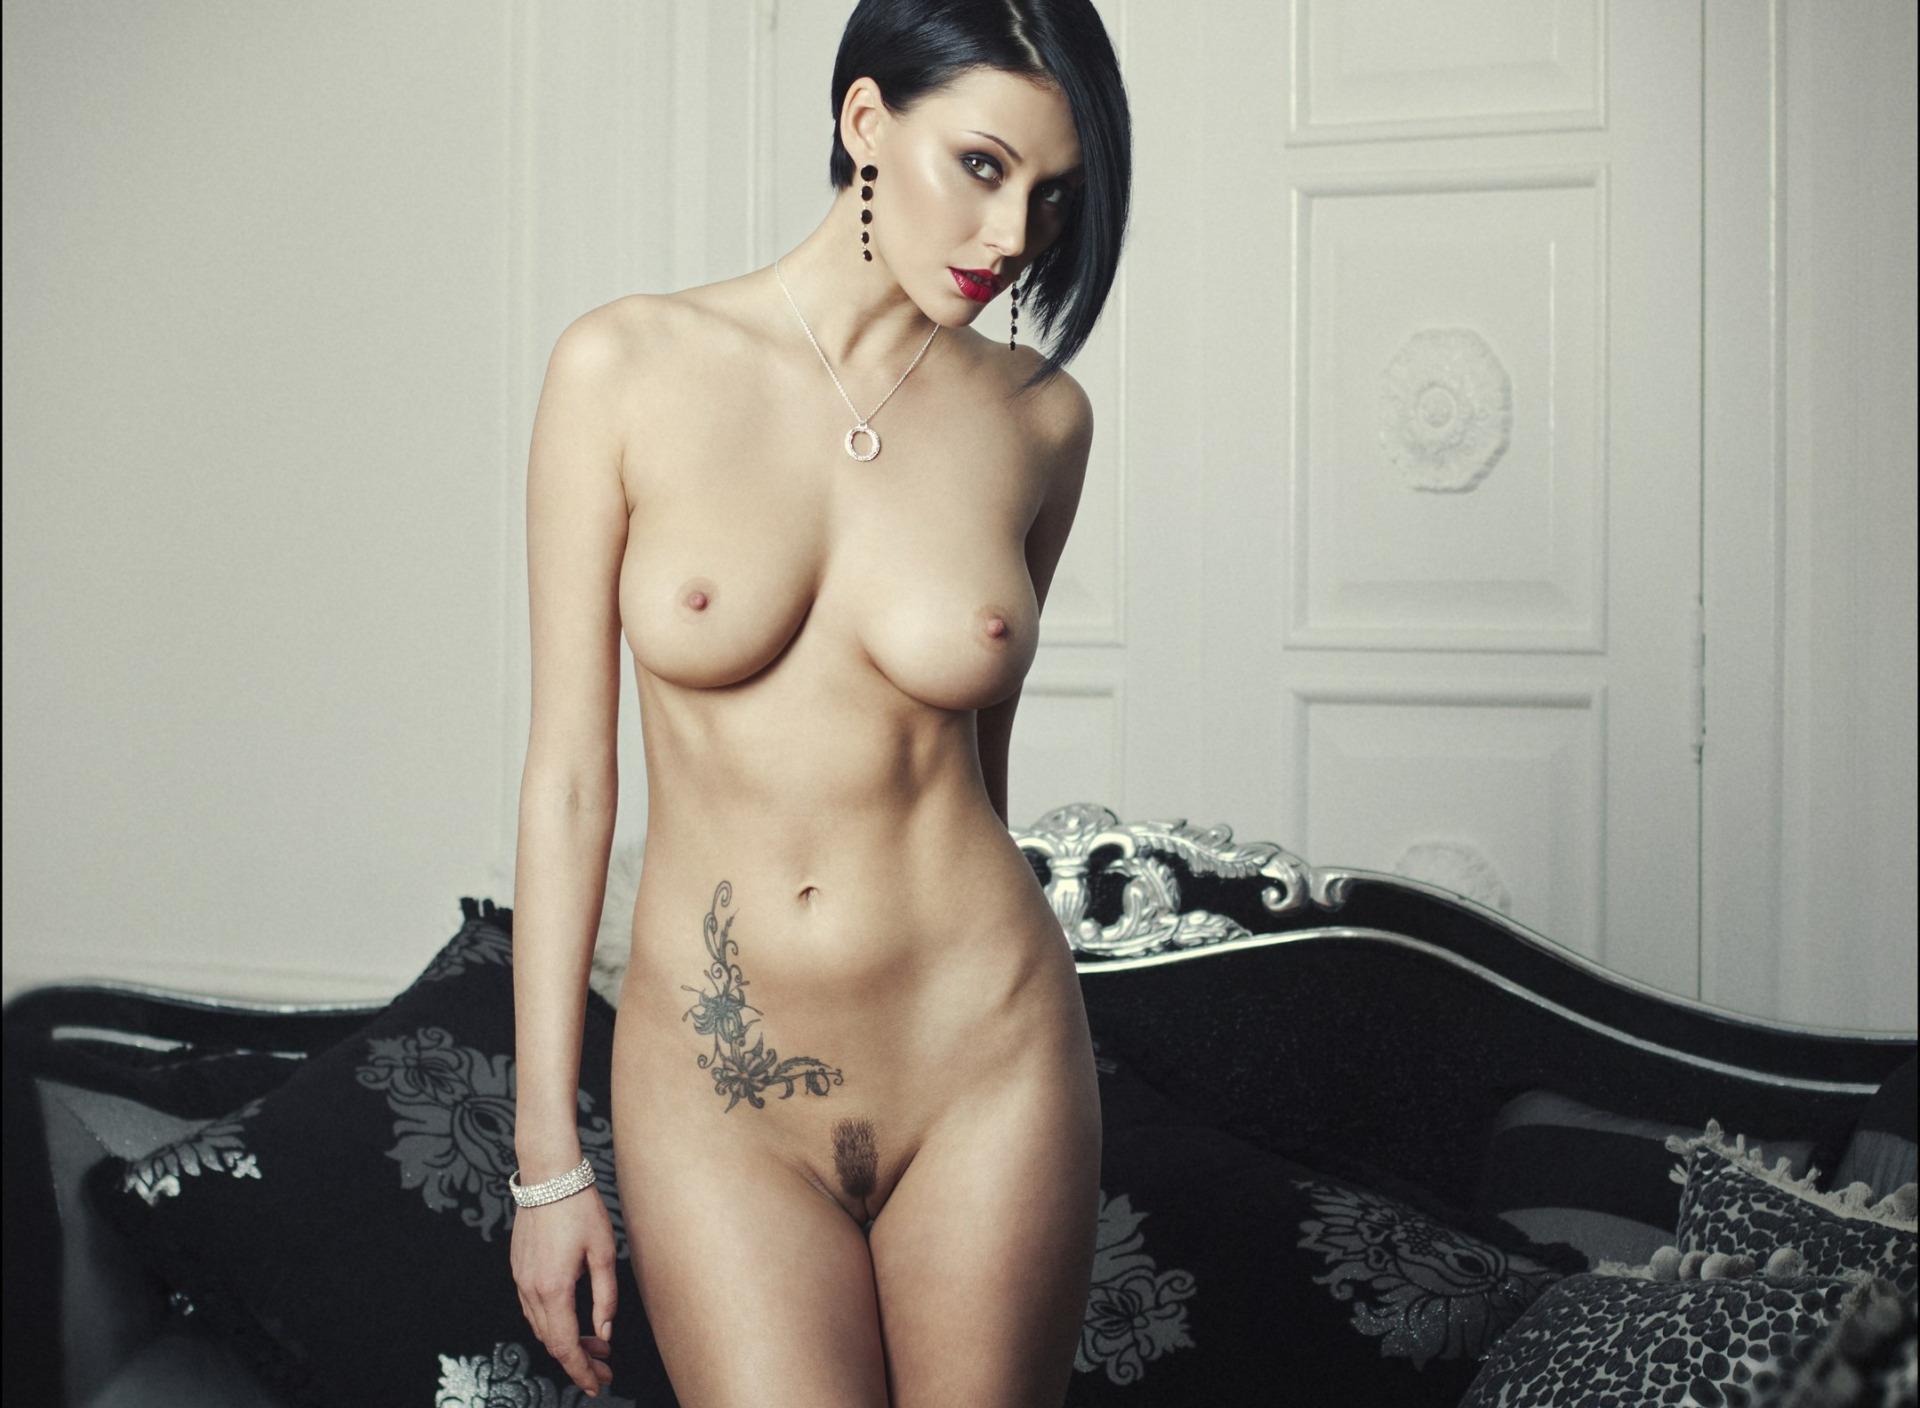 tatu-nude-photos